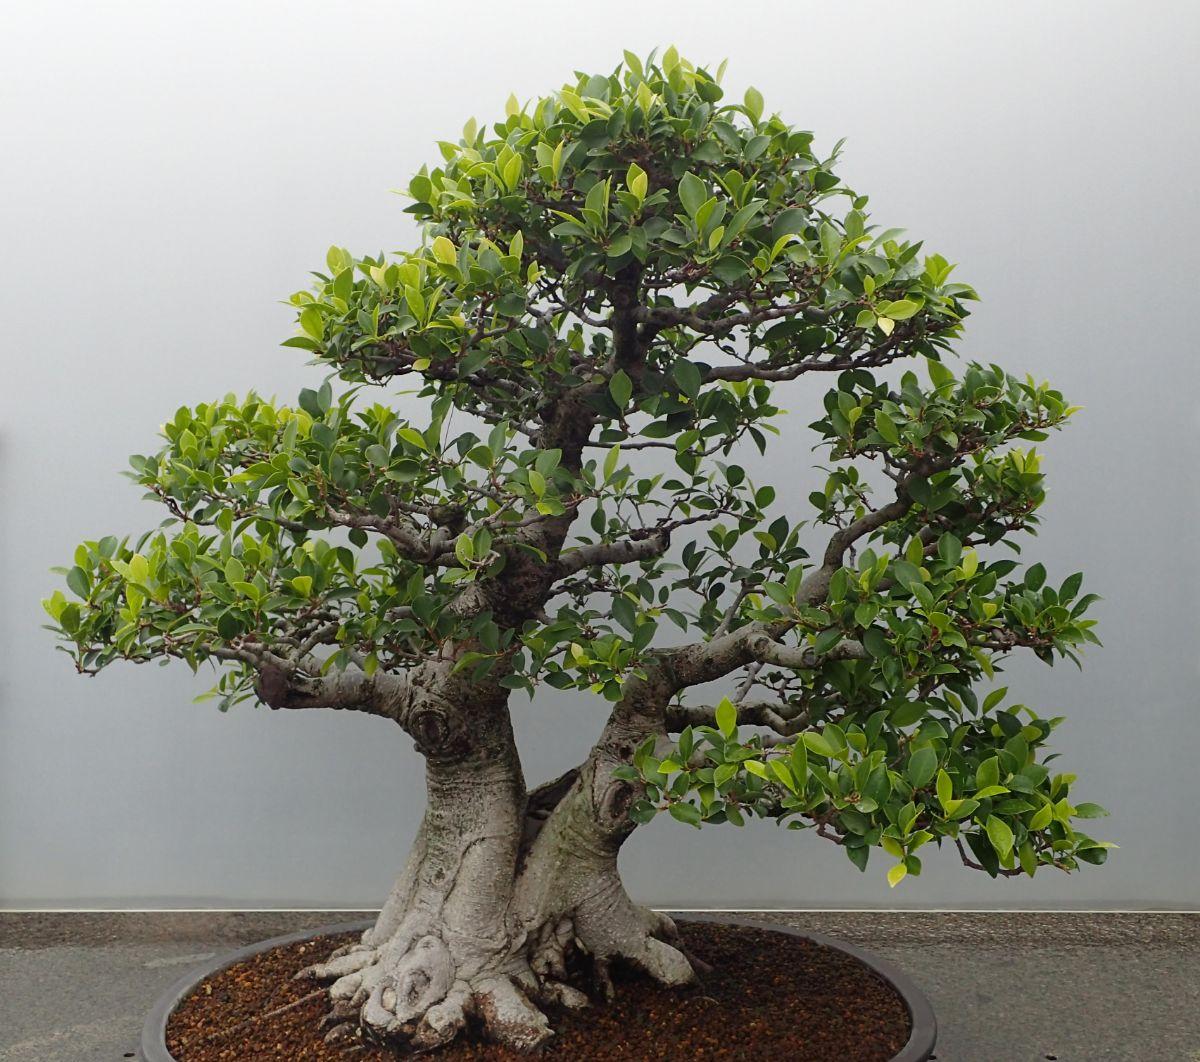 Si tienes tu ficus en una maceta de bonsái